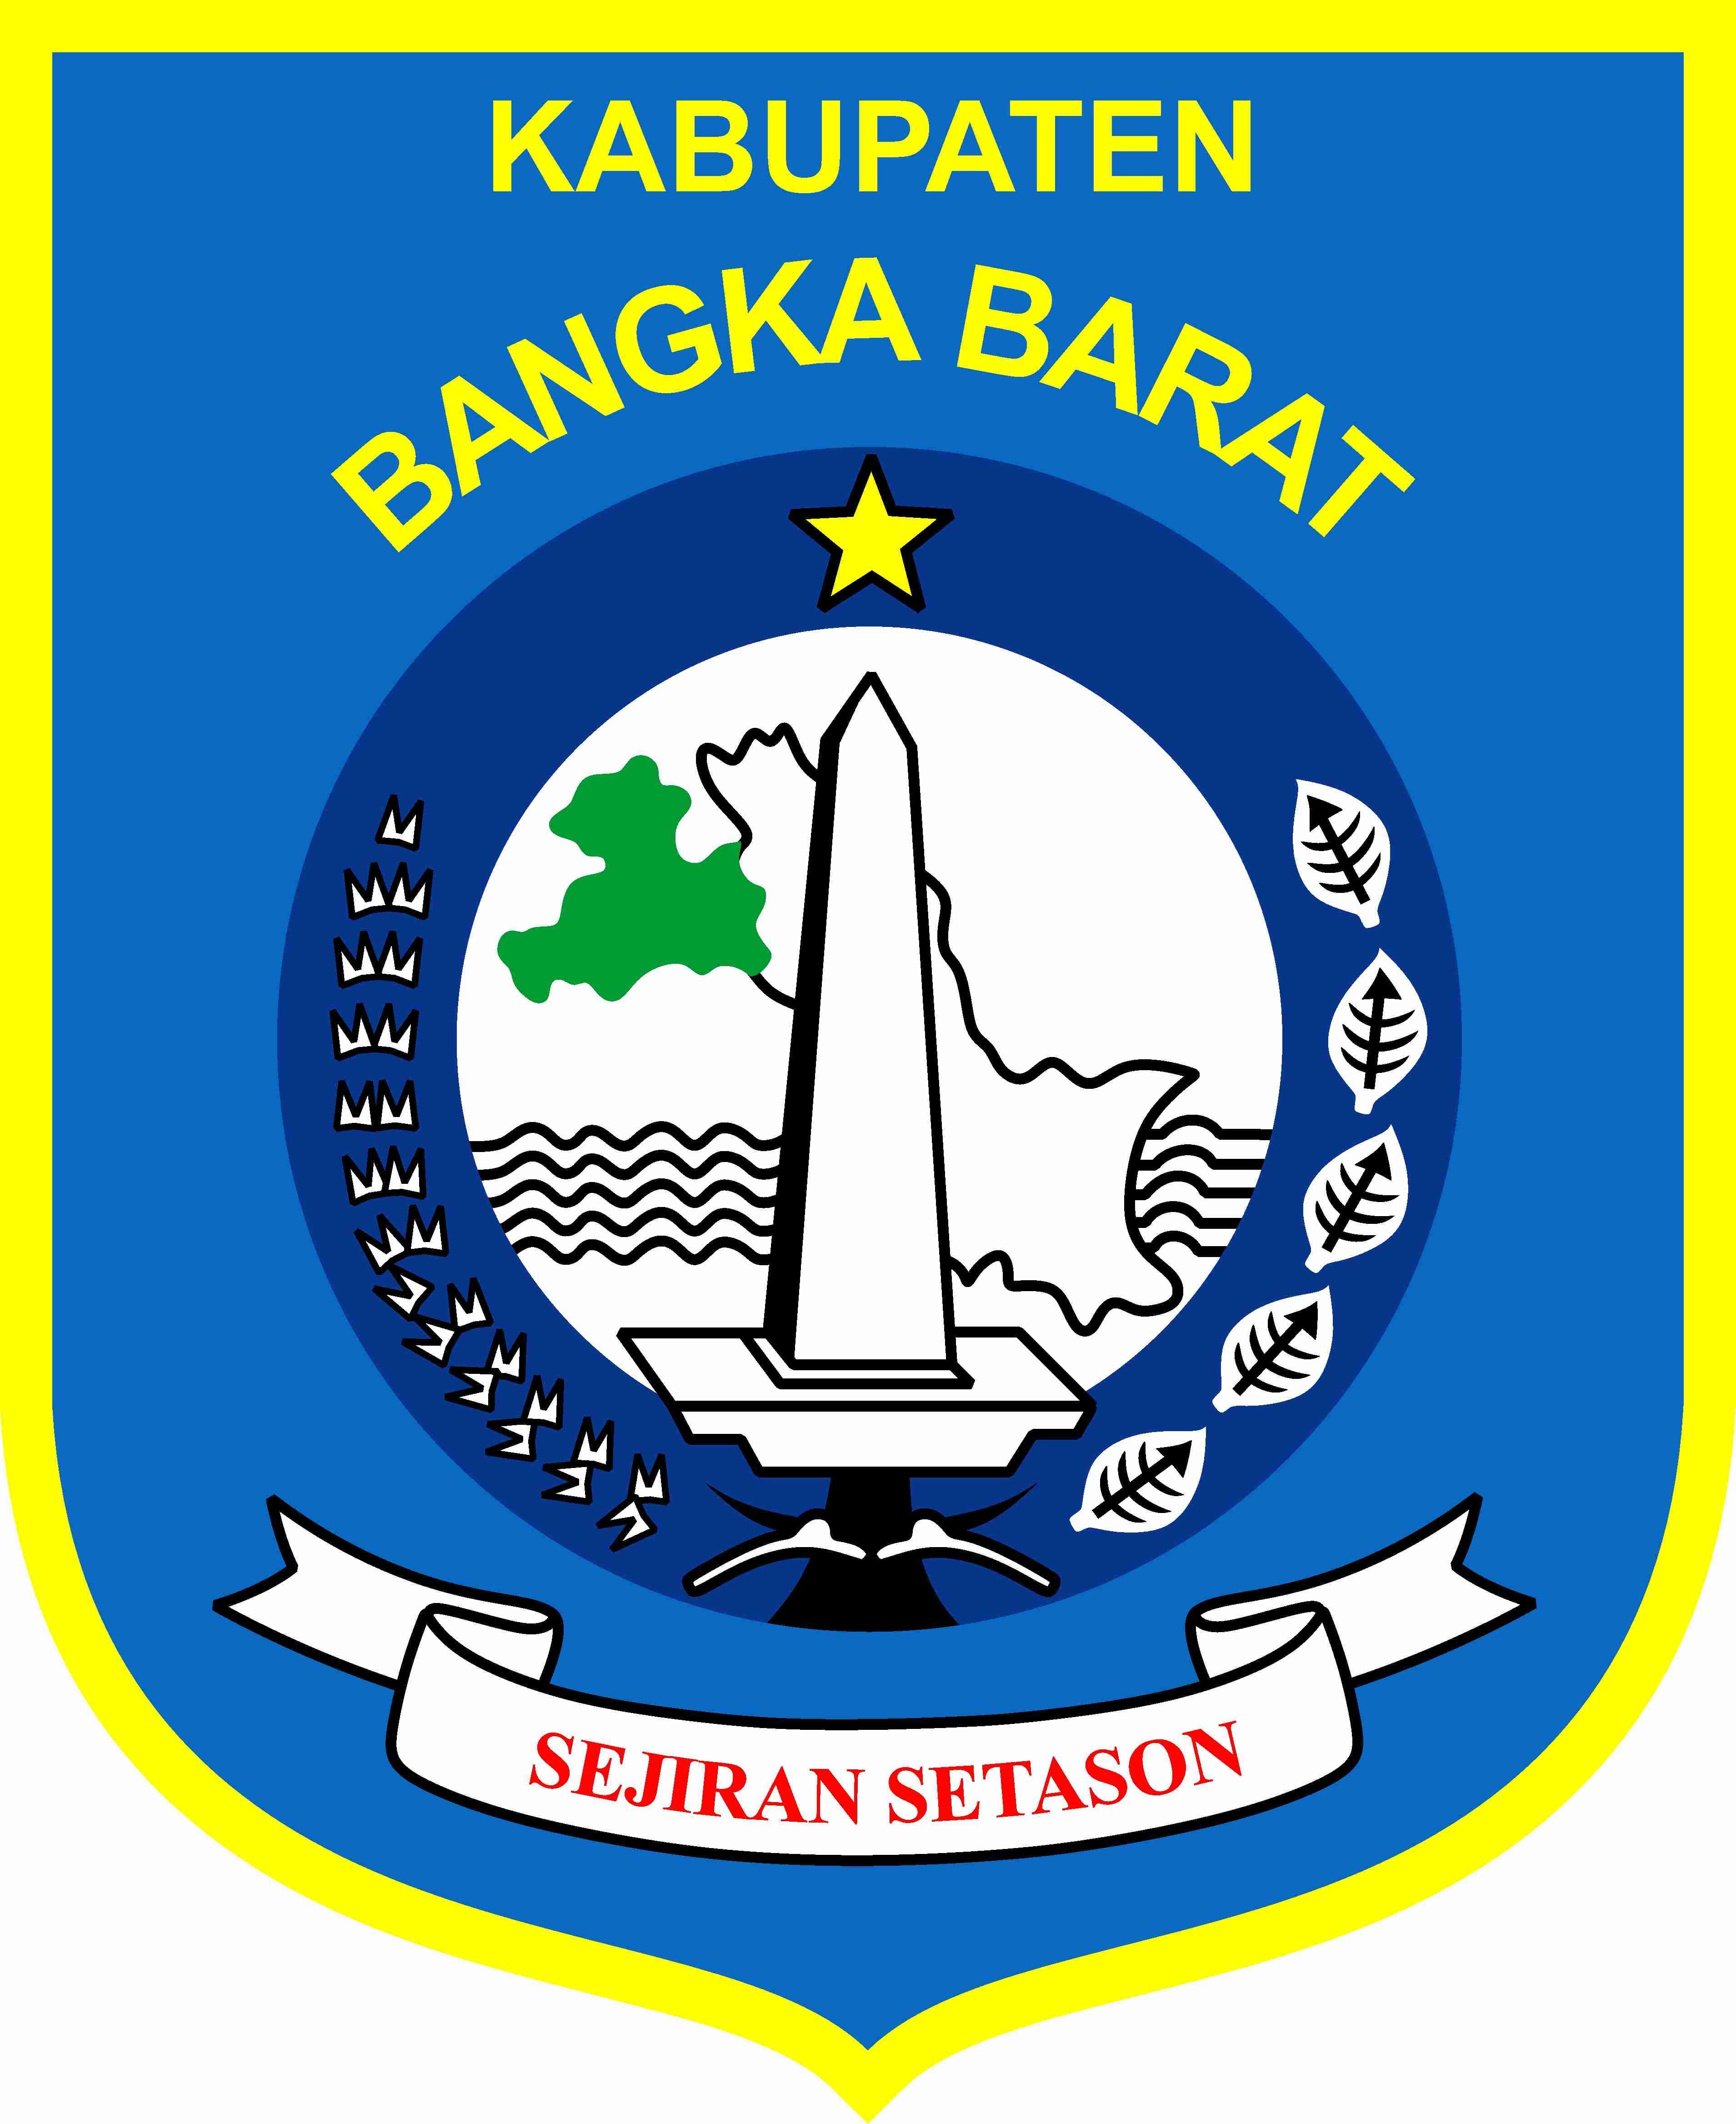 Kabupaten Bangka Barat Bendera Flag Bangkabarat Kabupatenbangkabarat Logokabupetan Kabupatenbelitung Kabupatenbelitungtimur Kabupatenbangk Bendera Seni